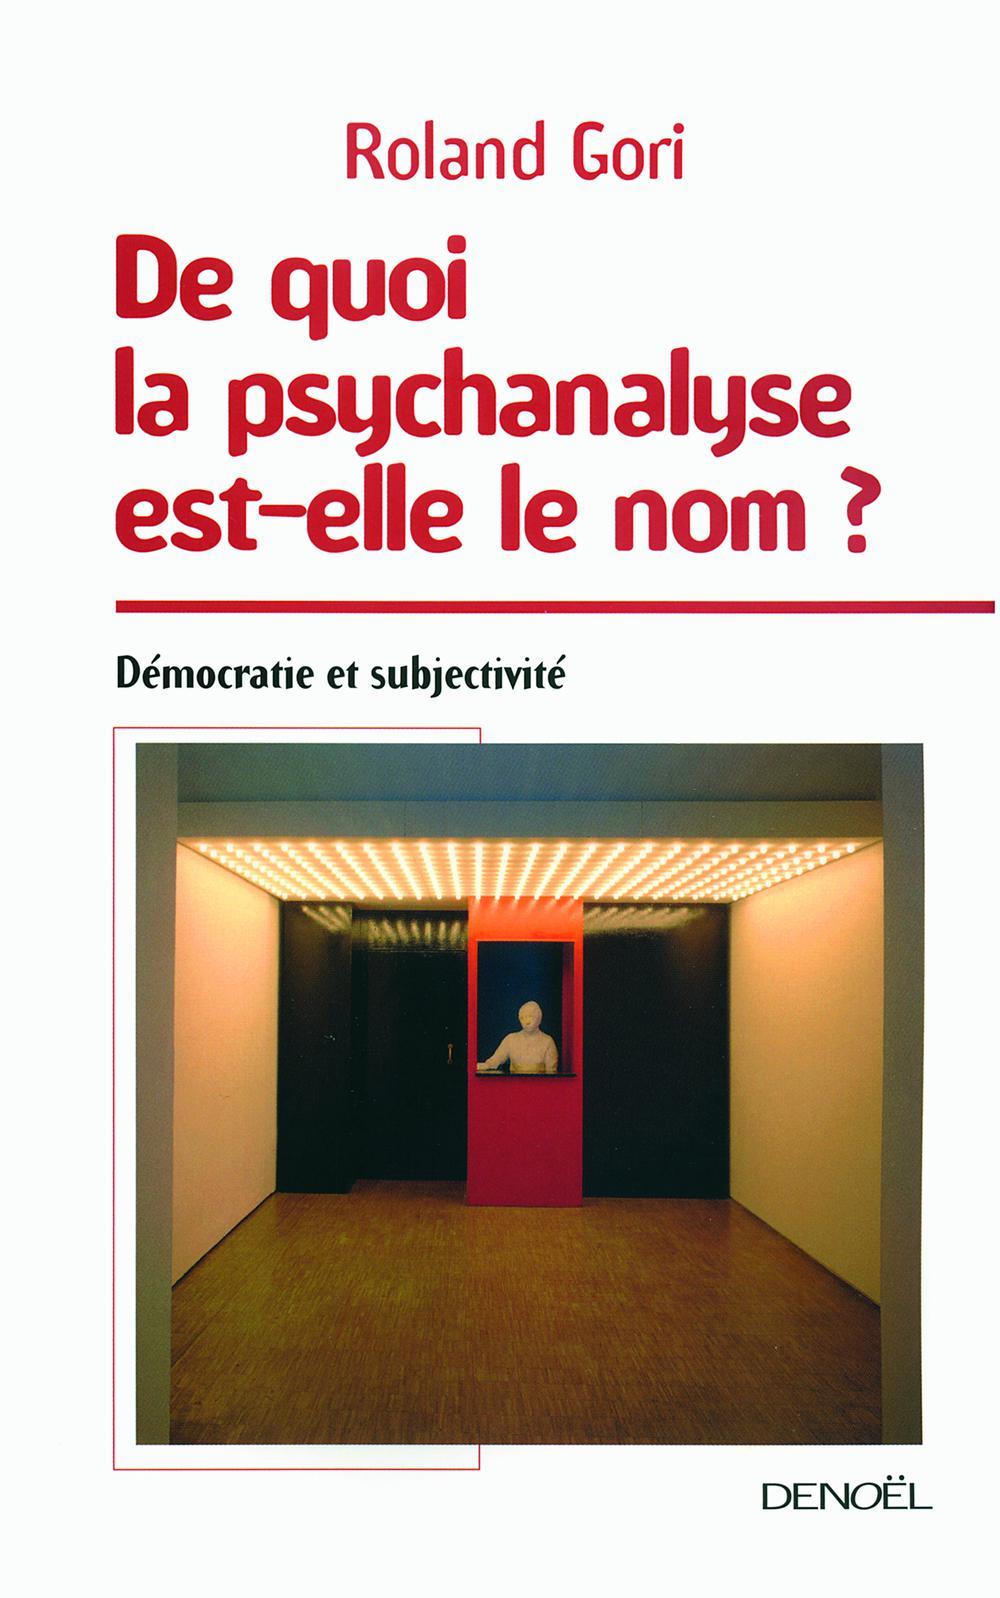 De quoi la psychanalyse est-elle le nom?